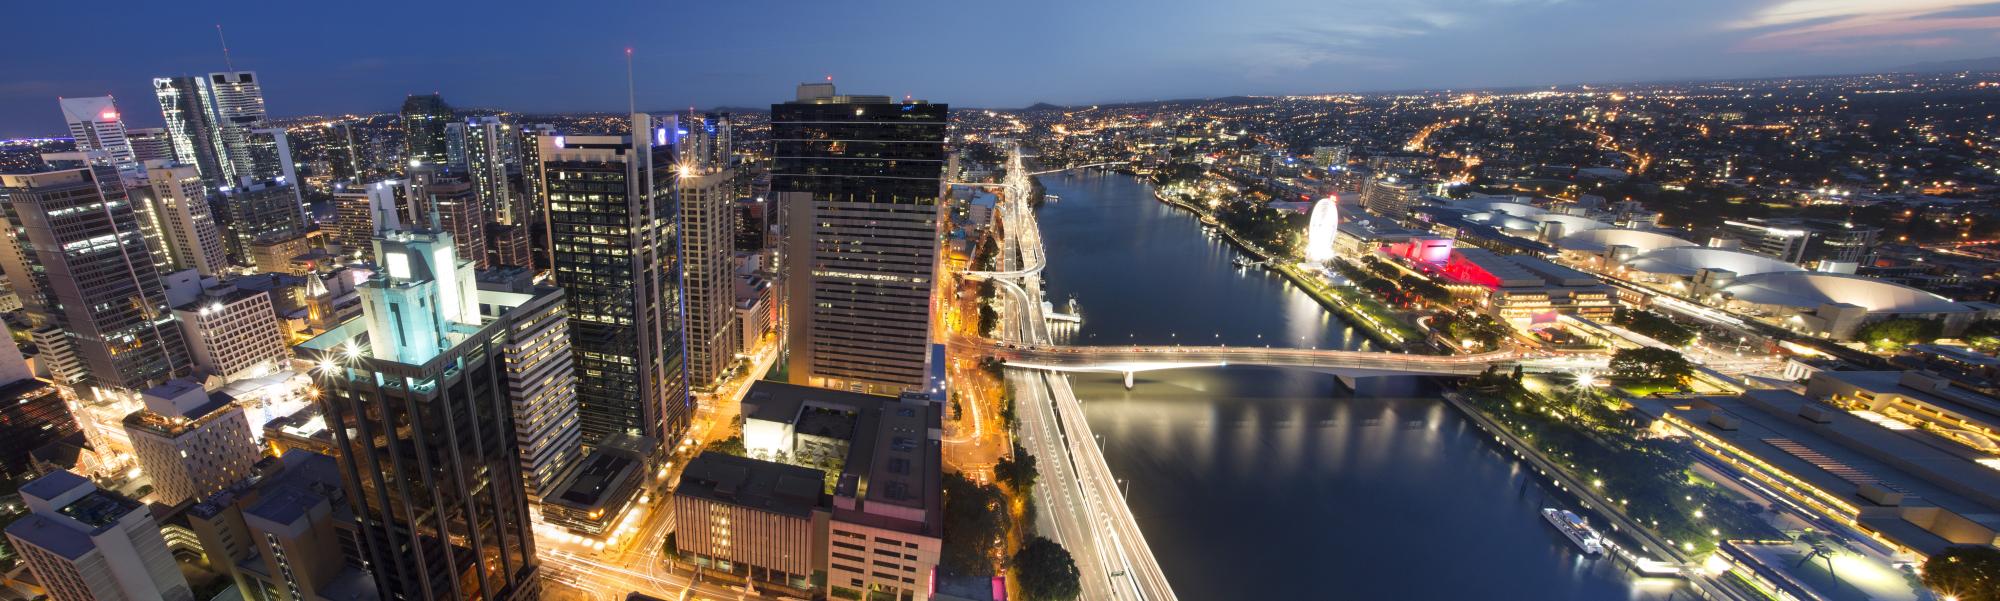 Brisbane-City-South-Bank